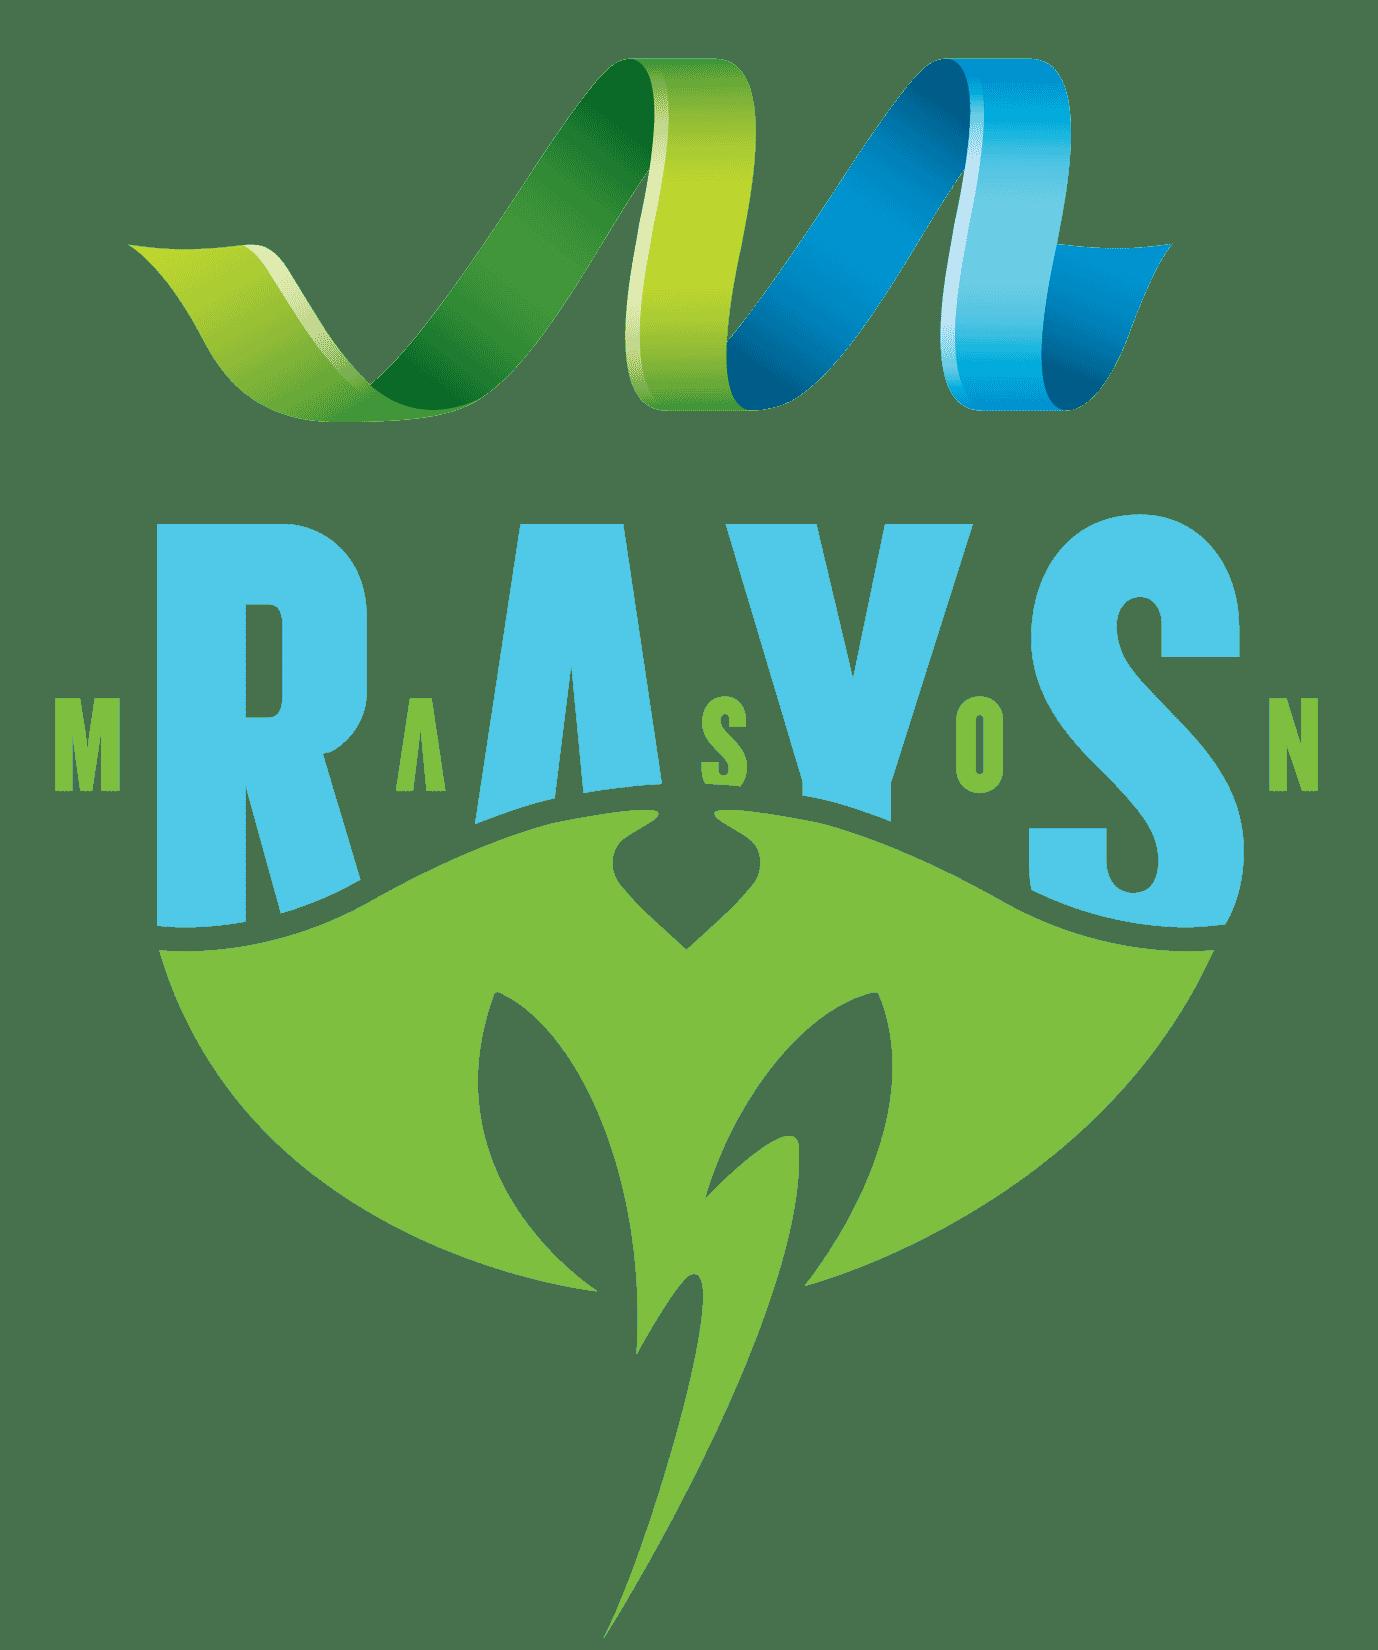 Mason Rays logo